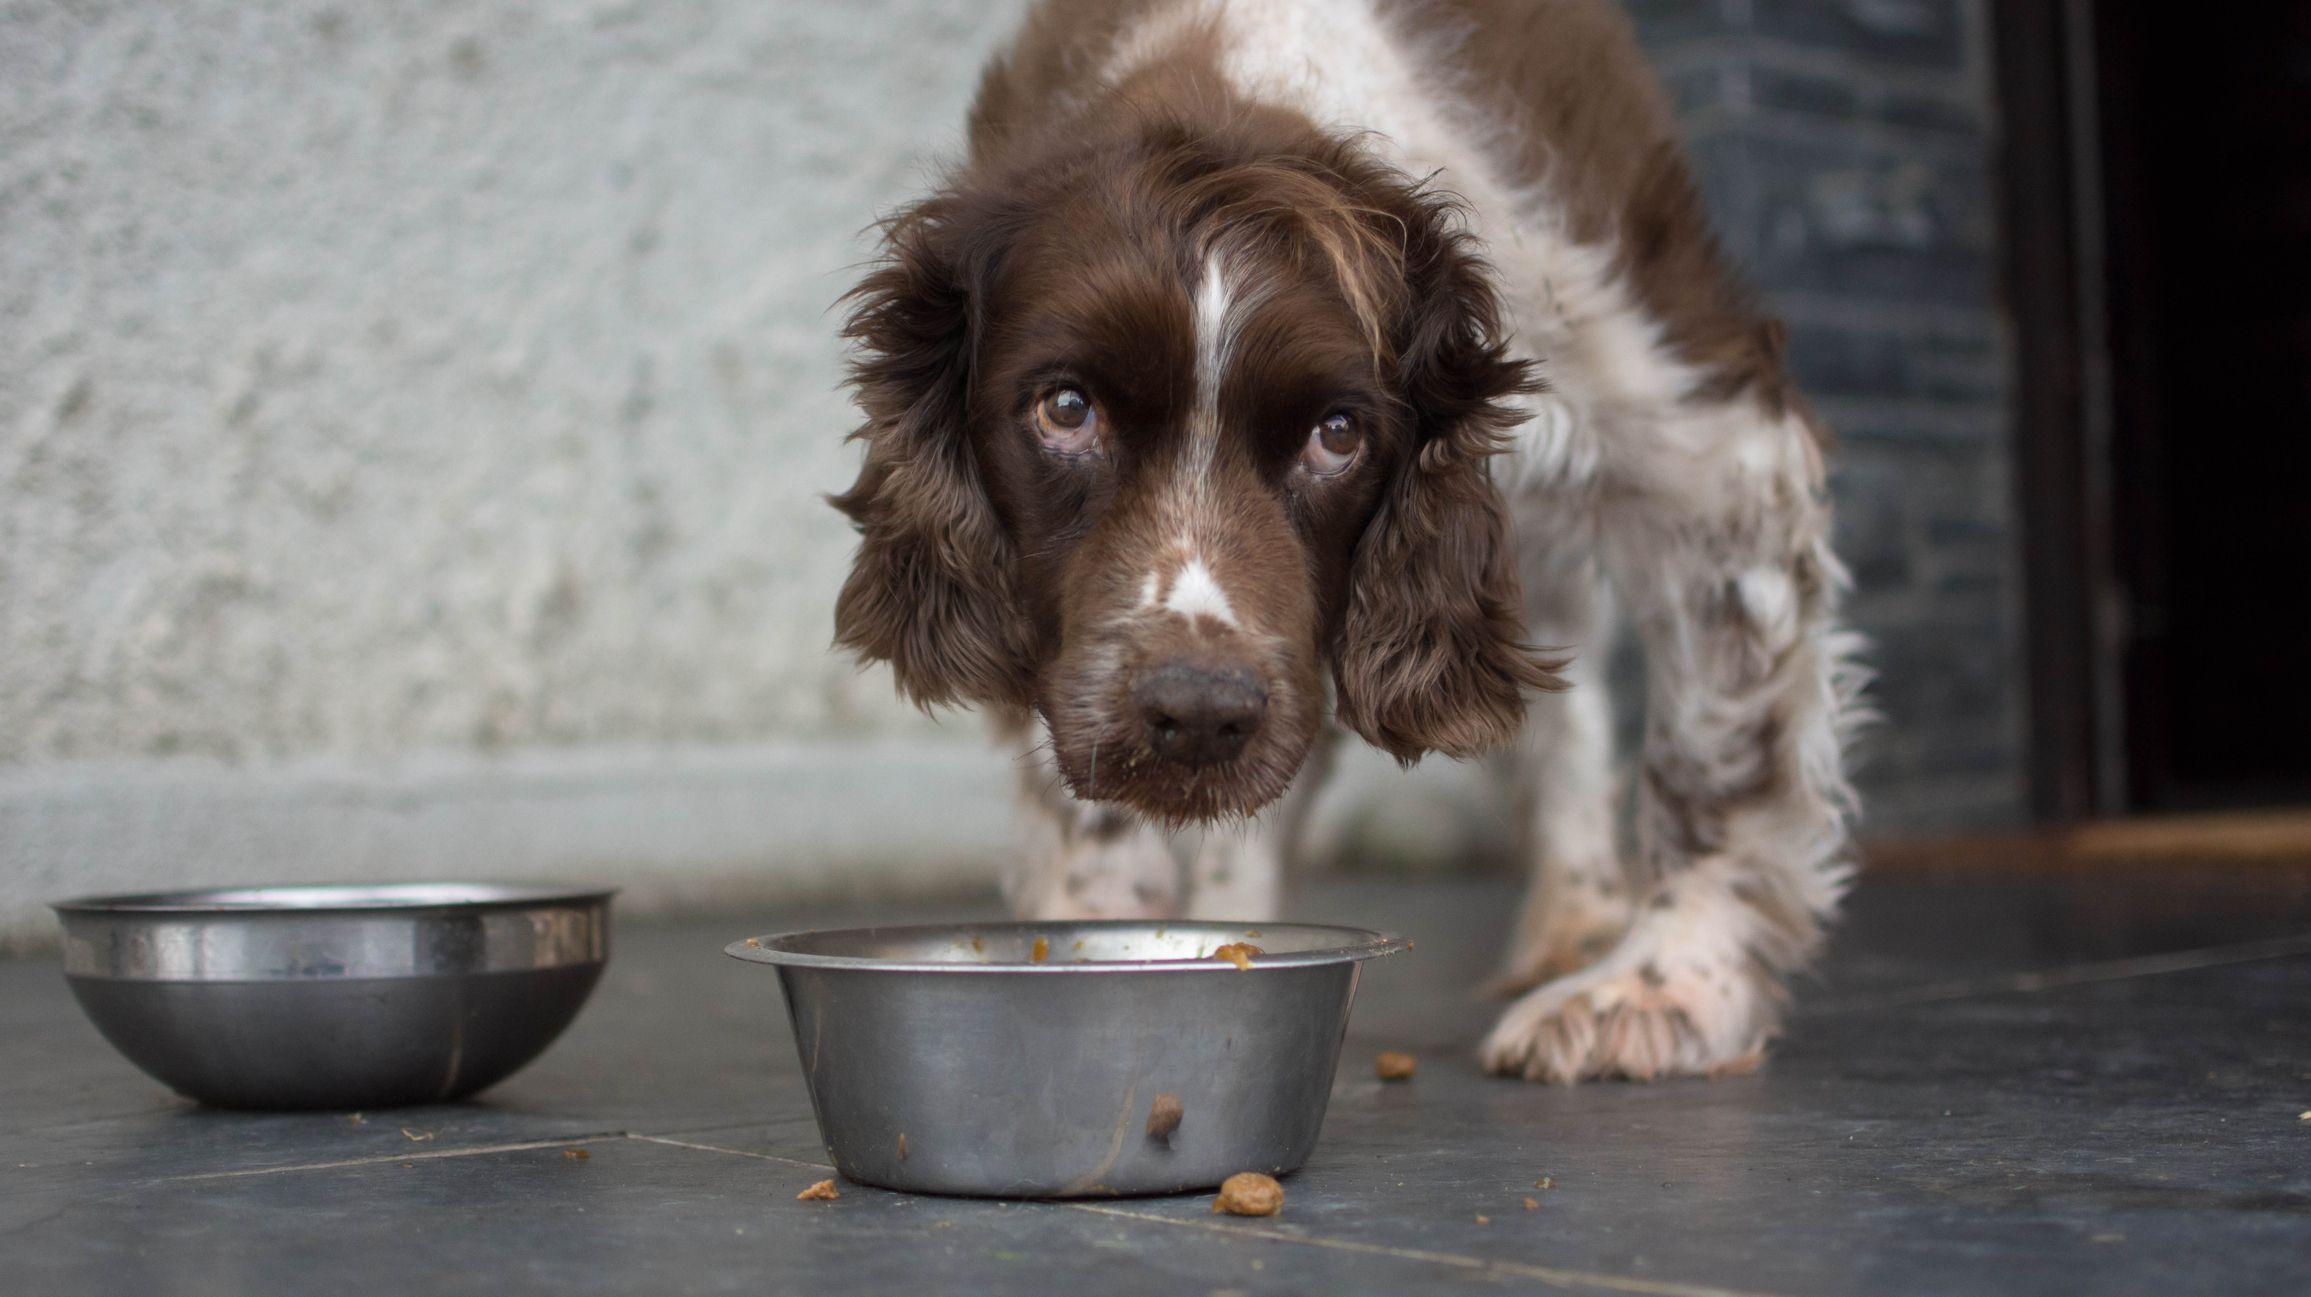 what happens if a dog eats ativan